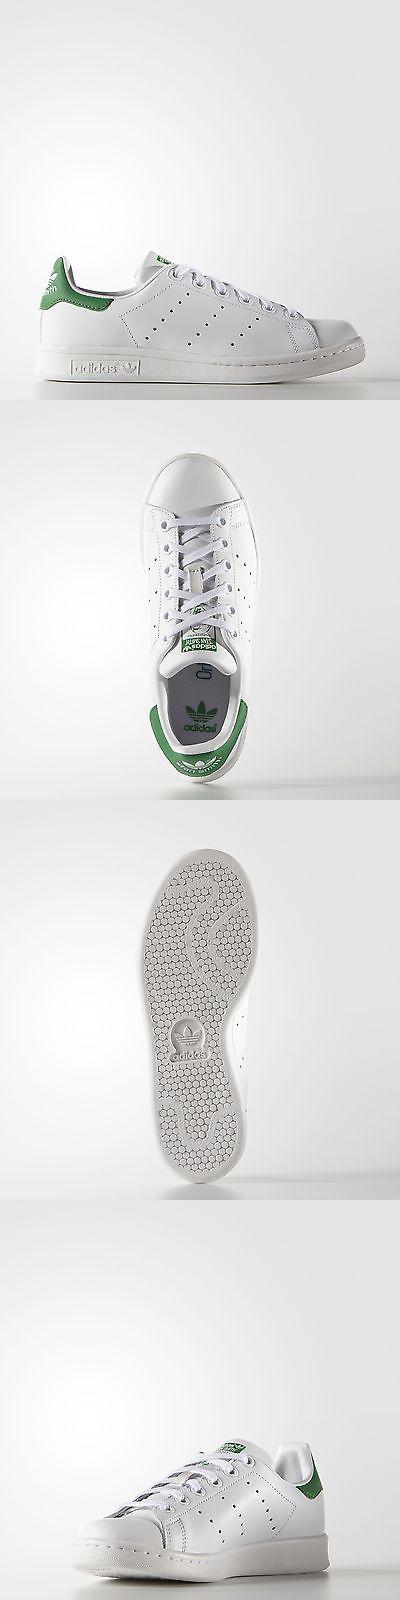 Ragazzi 57929: Scarpe Smith Adidas Originali Bambini Stan Smith Scarpe Di Cuoio Bianco 97c8e5